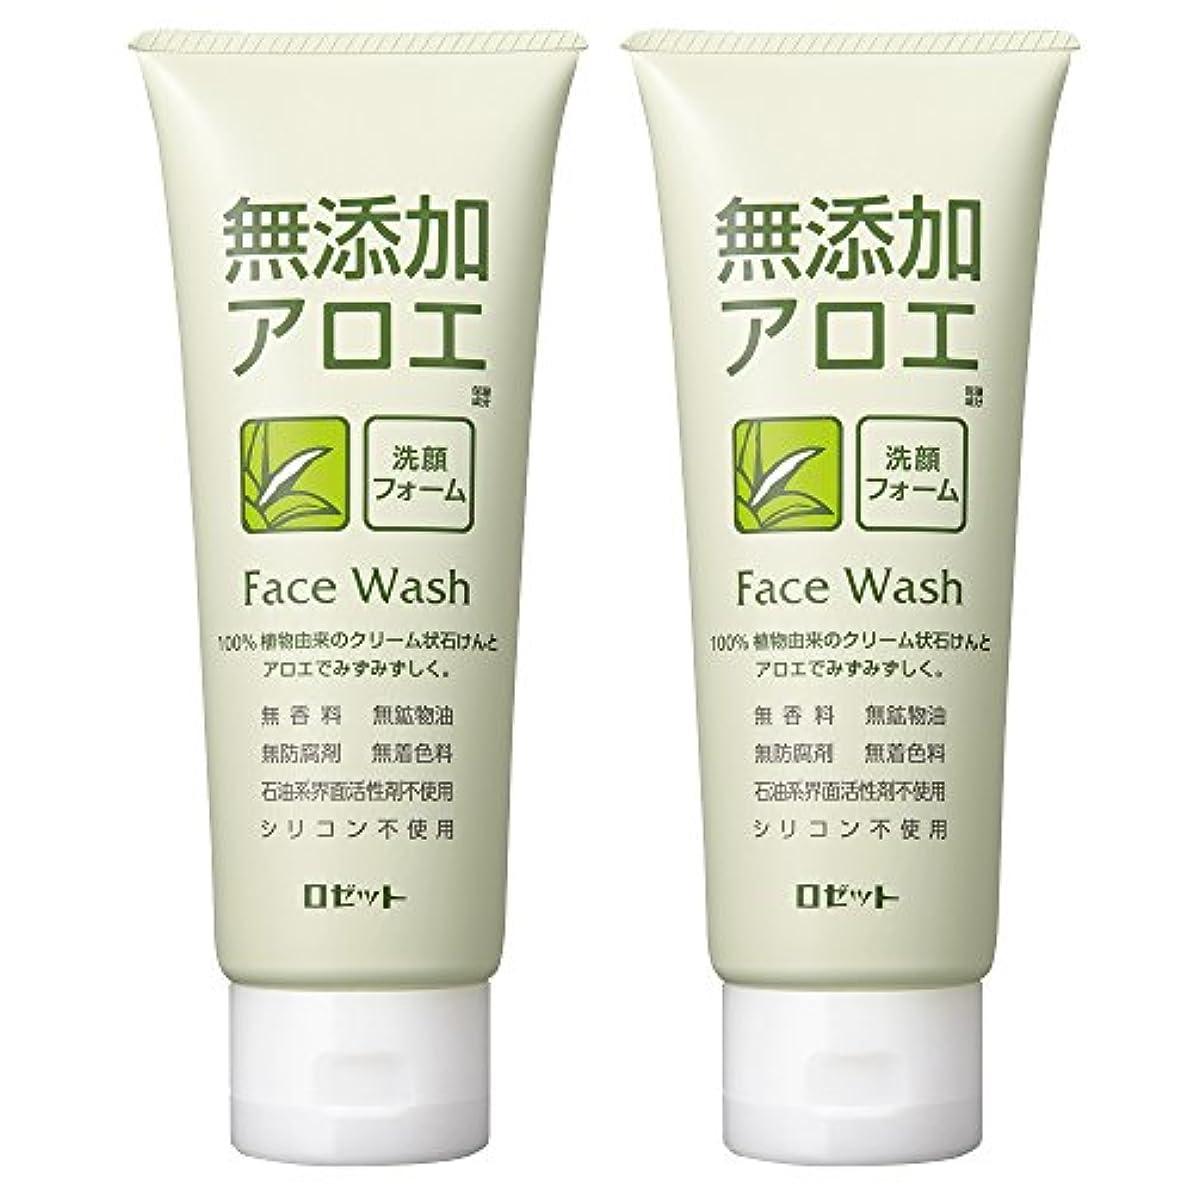 おもてなしインレイチャートロゼット 無添加アロエ 洗顔フォーム 140g×2個パック AZ